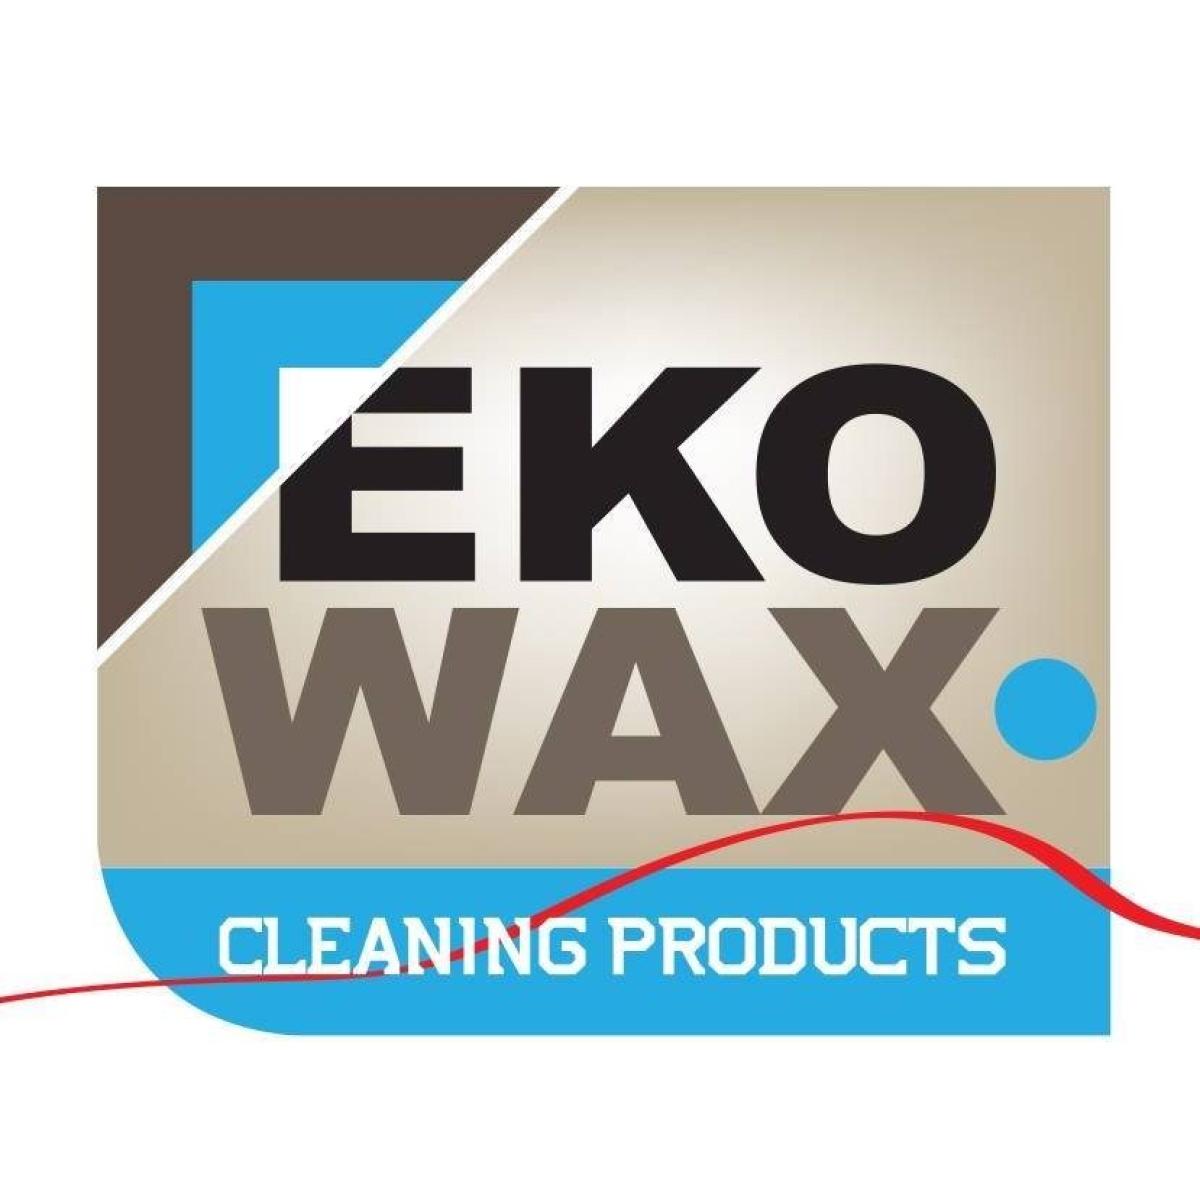 EkoWax